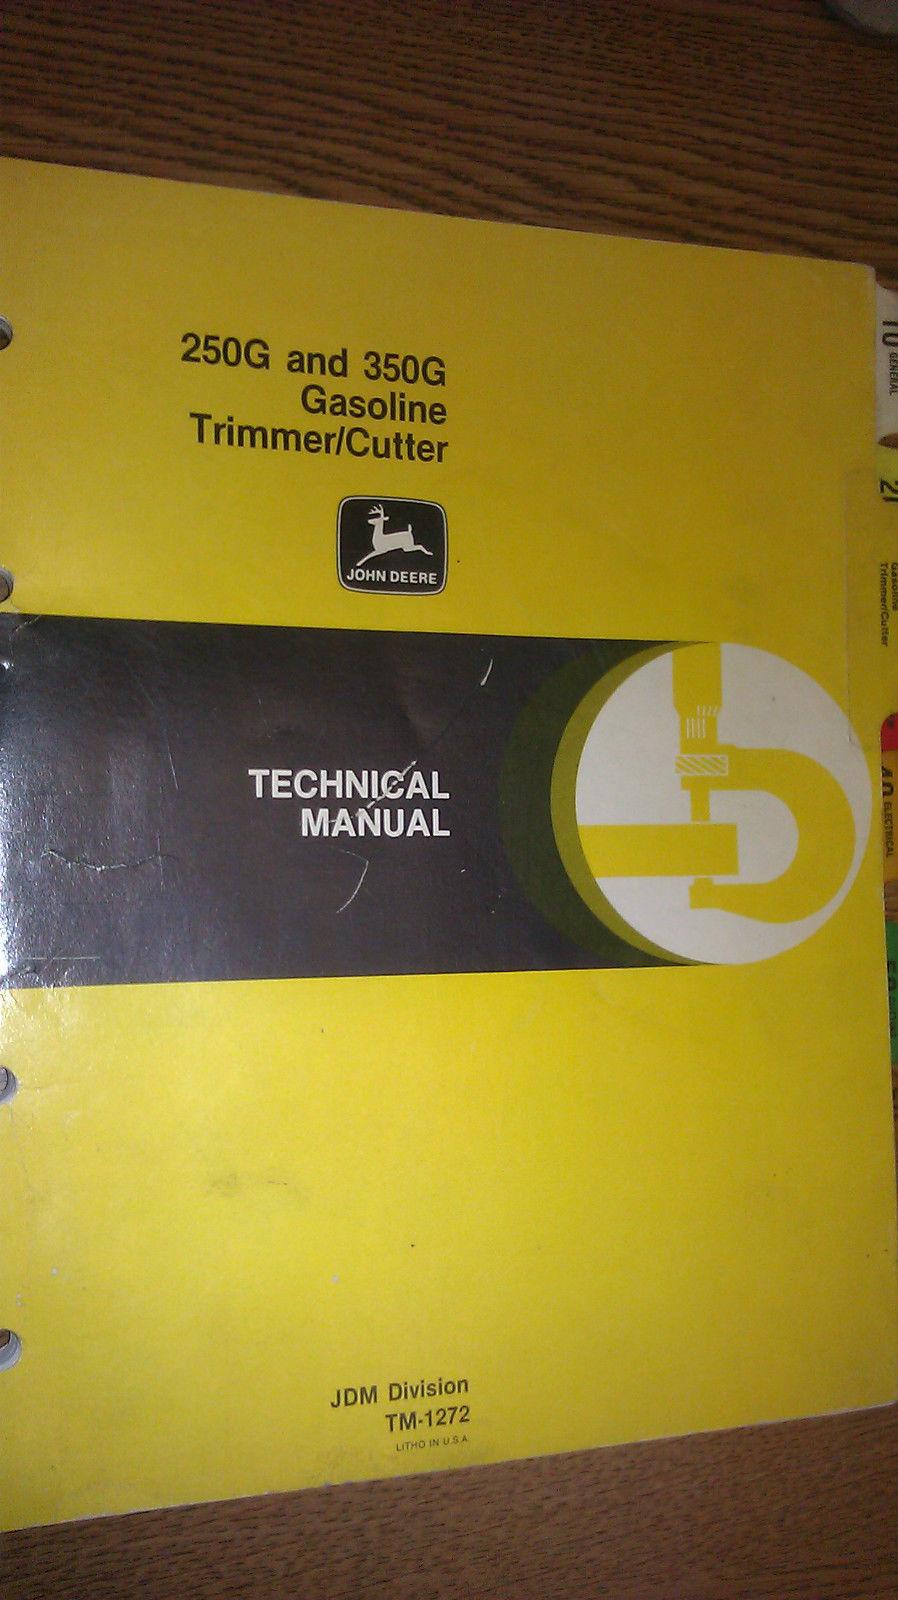 JOHN DEERE 250G AND 350G GASOLINE TRIMMER / CUTTER ...